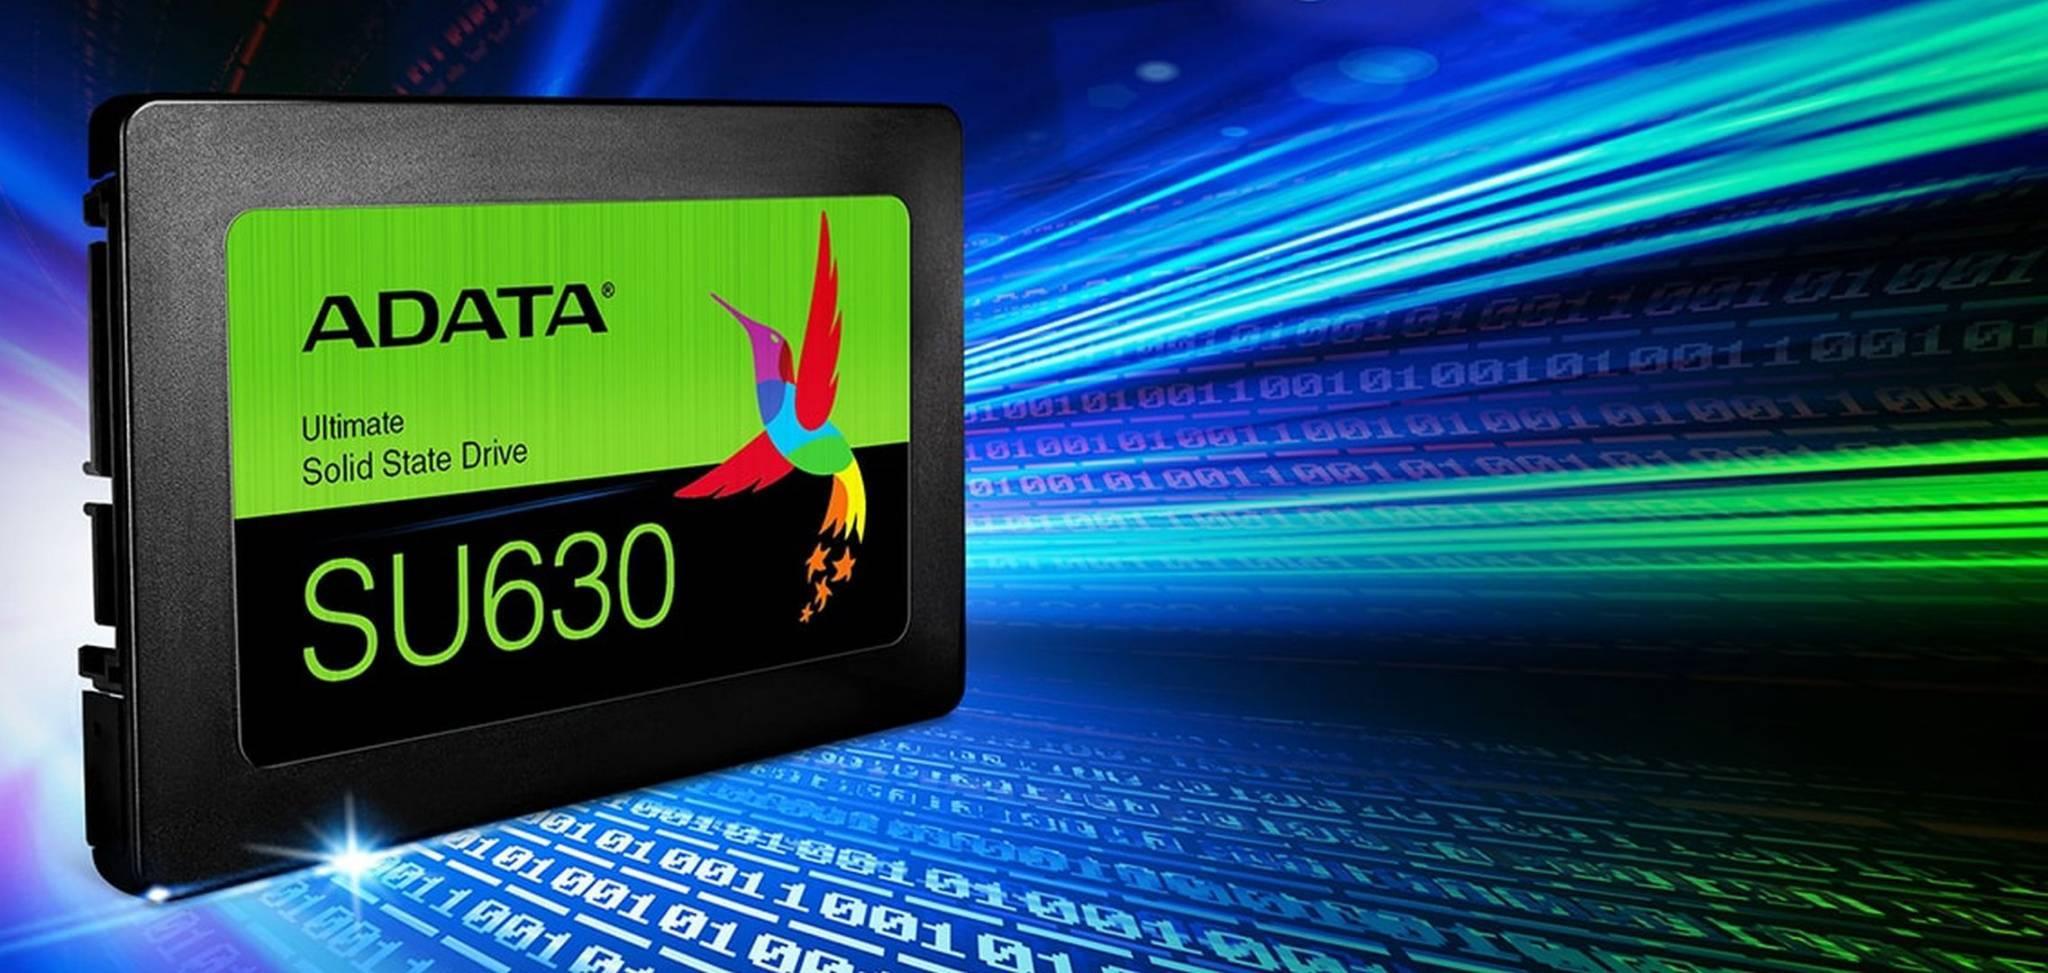 SSD ADATA Ultimate SU630 Copertina